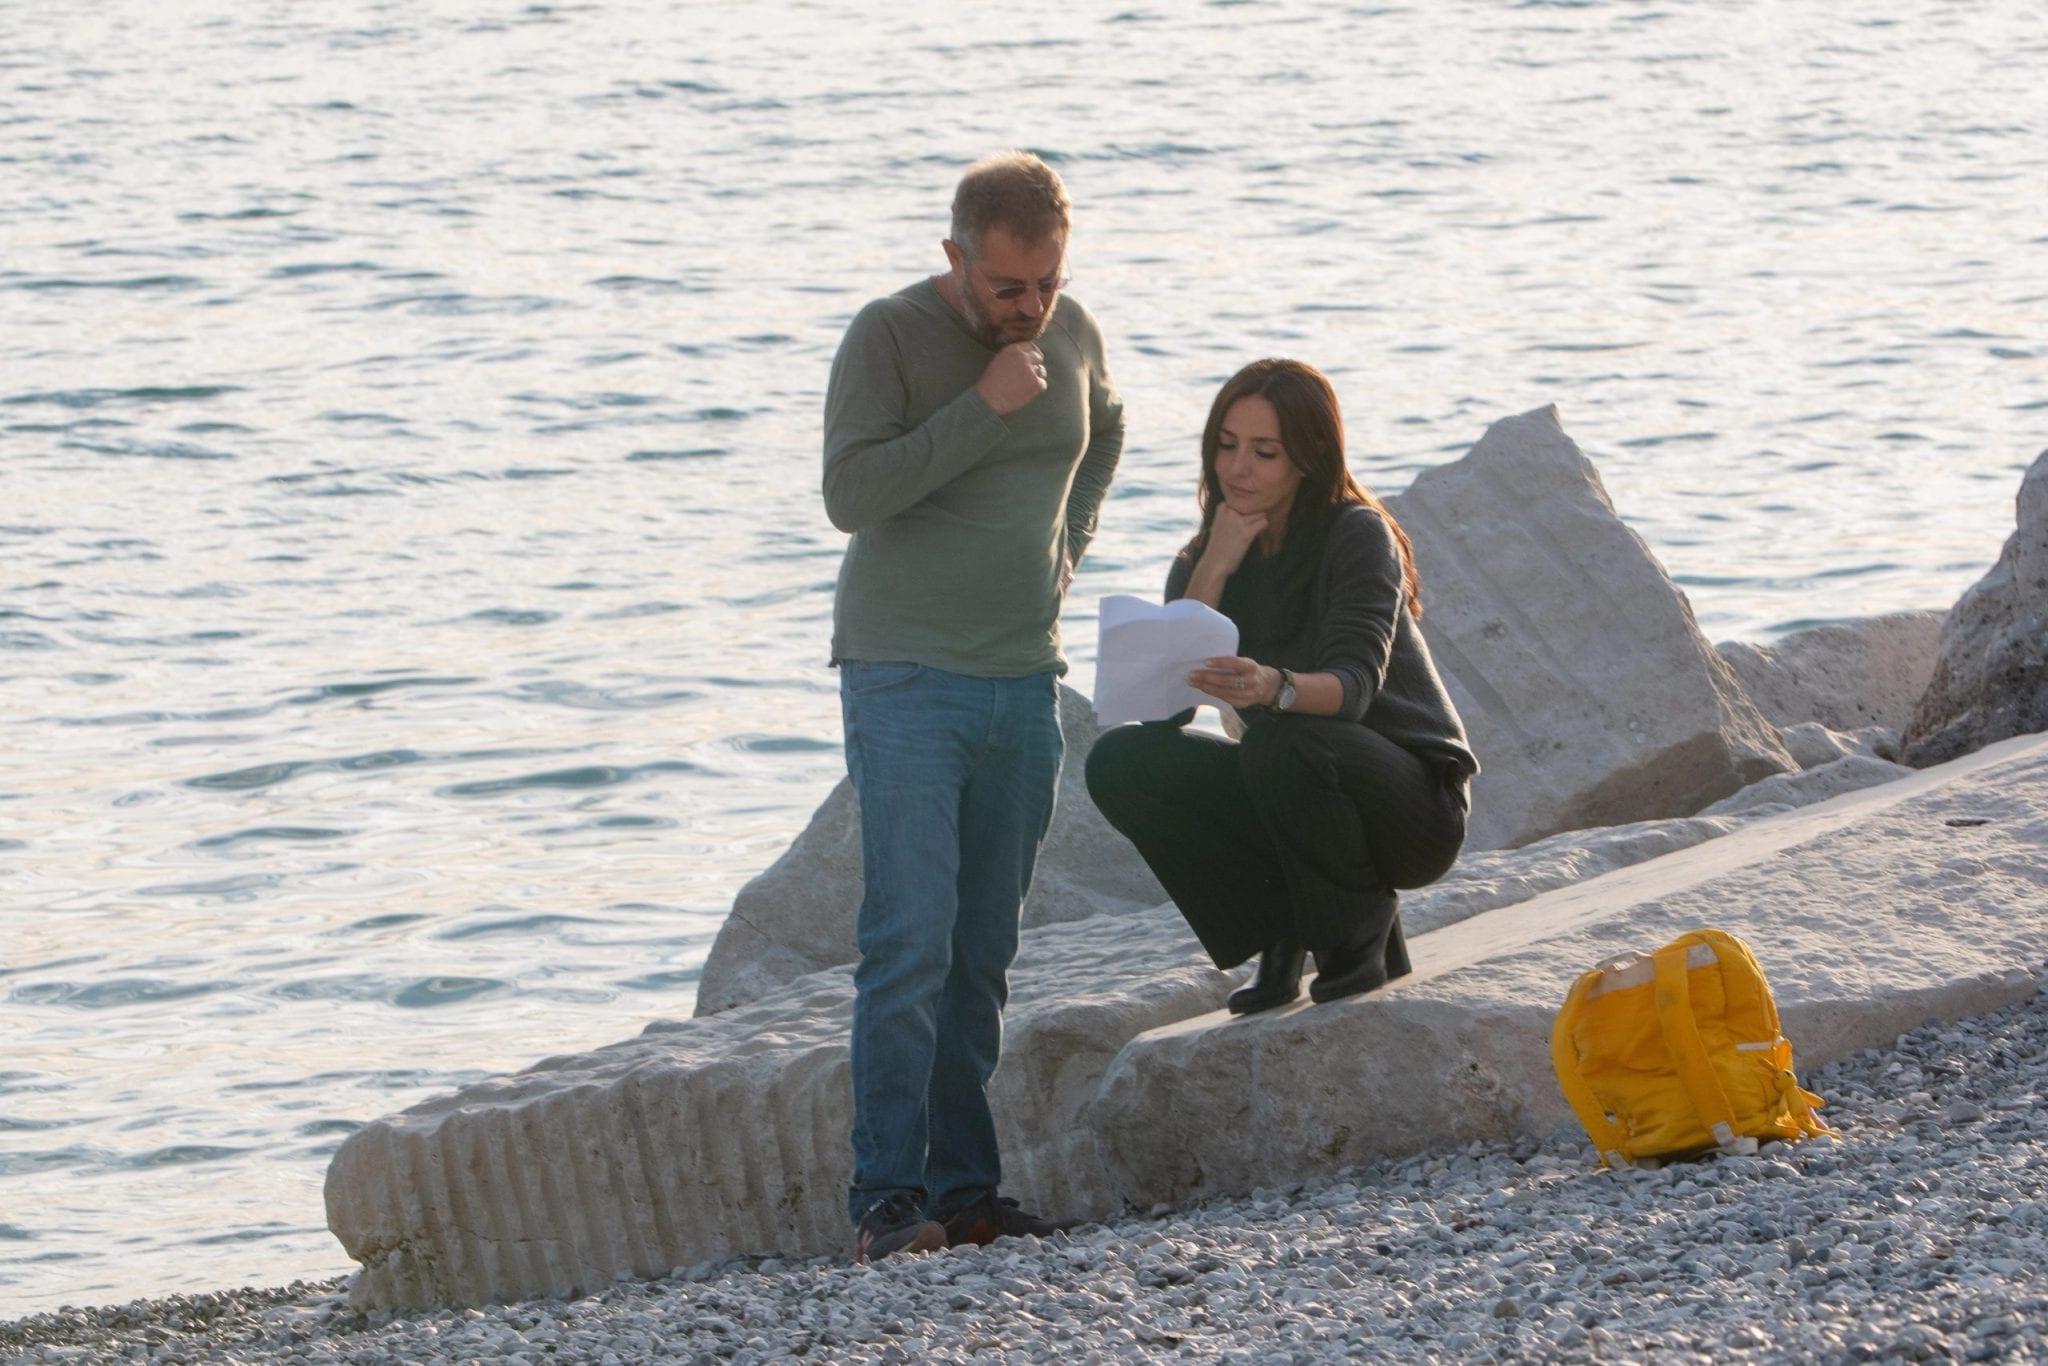 Titoli di coda: Il silenzio dell'acqua 2 ultimo appuntamento. Con Ambra Angiolini e Giorgio Pasotti, in prima visione assoluta, in prime time su Canale5